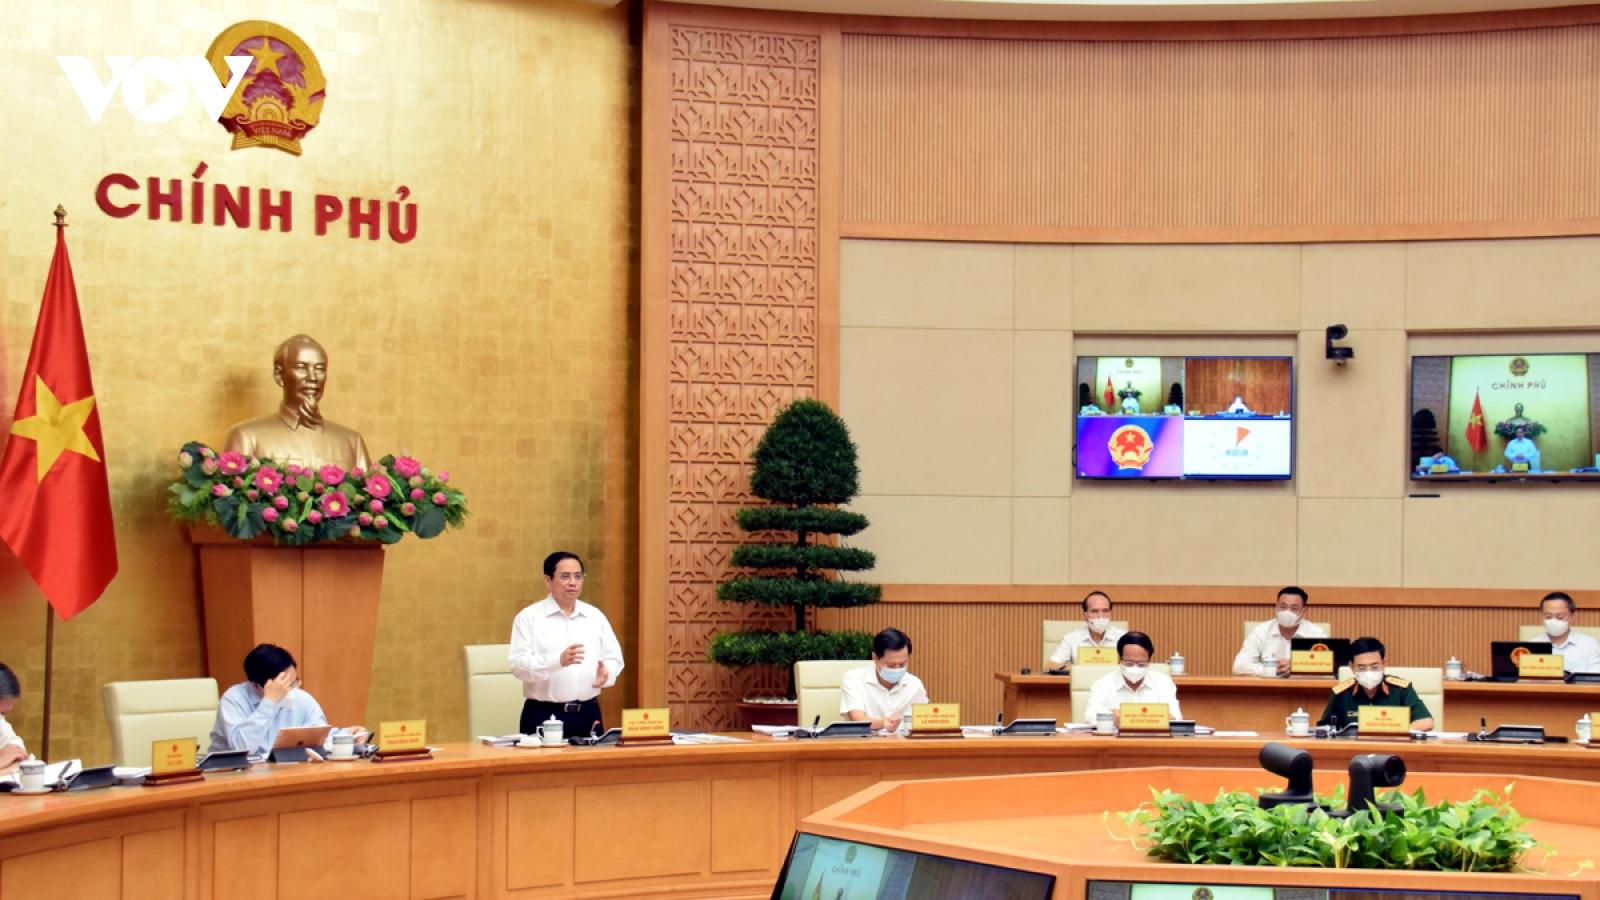 Thủ tướng: Nhanh chóng kiểm soát dịch, thúc đẩy phát triển kinh tế-xã hội